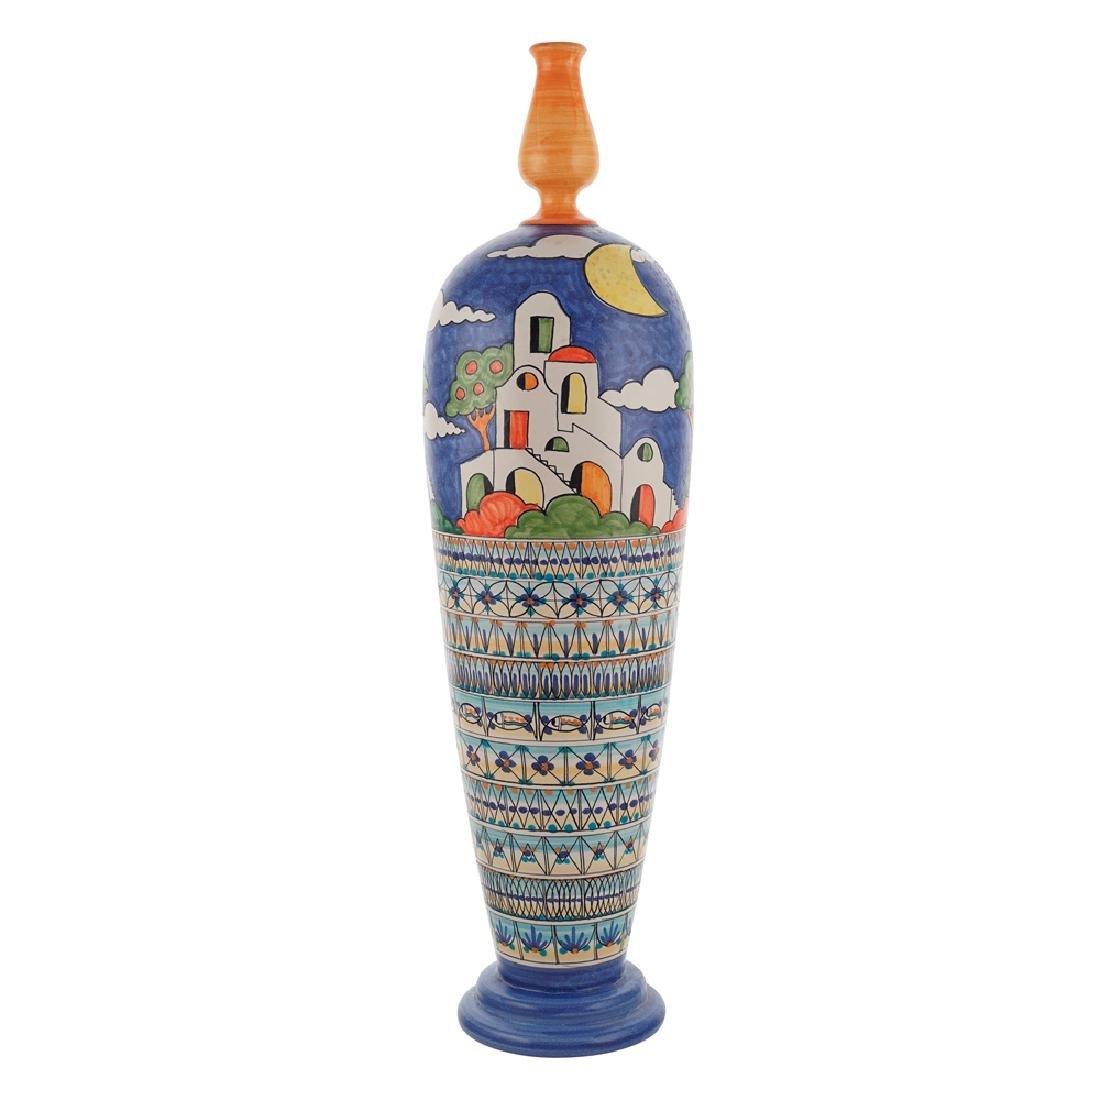 Ceramic vase Vietri 20th century h. 70 cm.